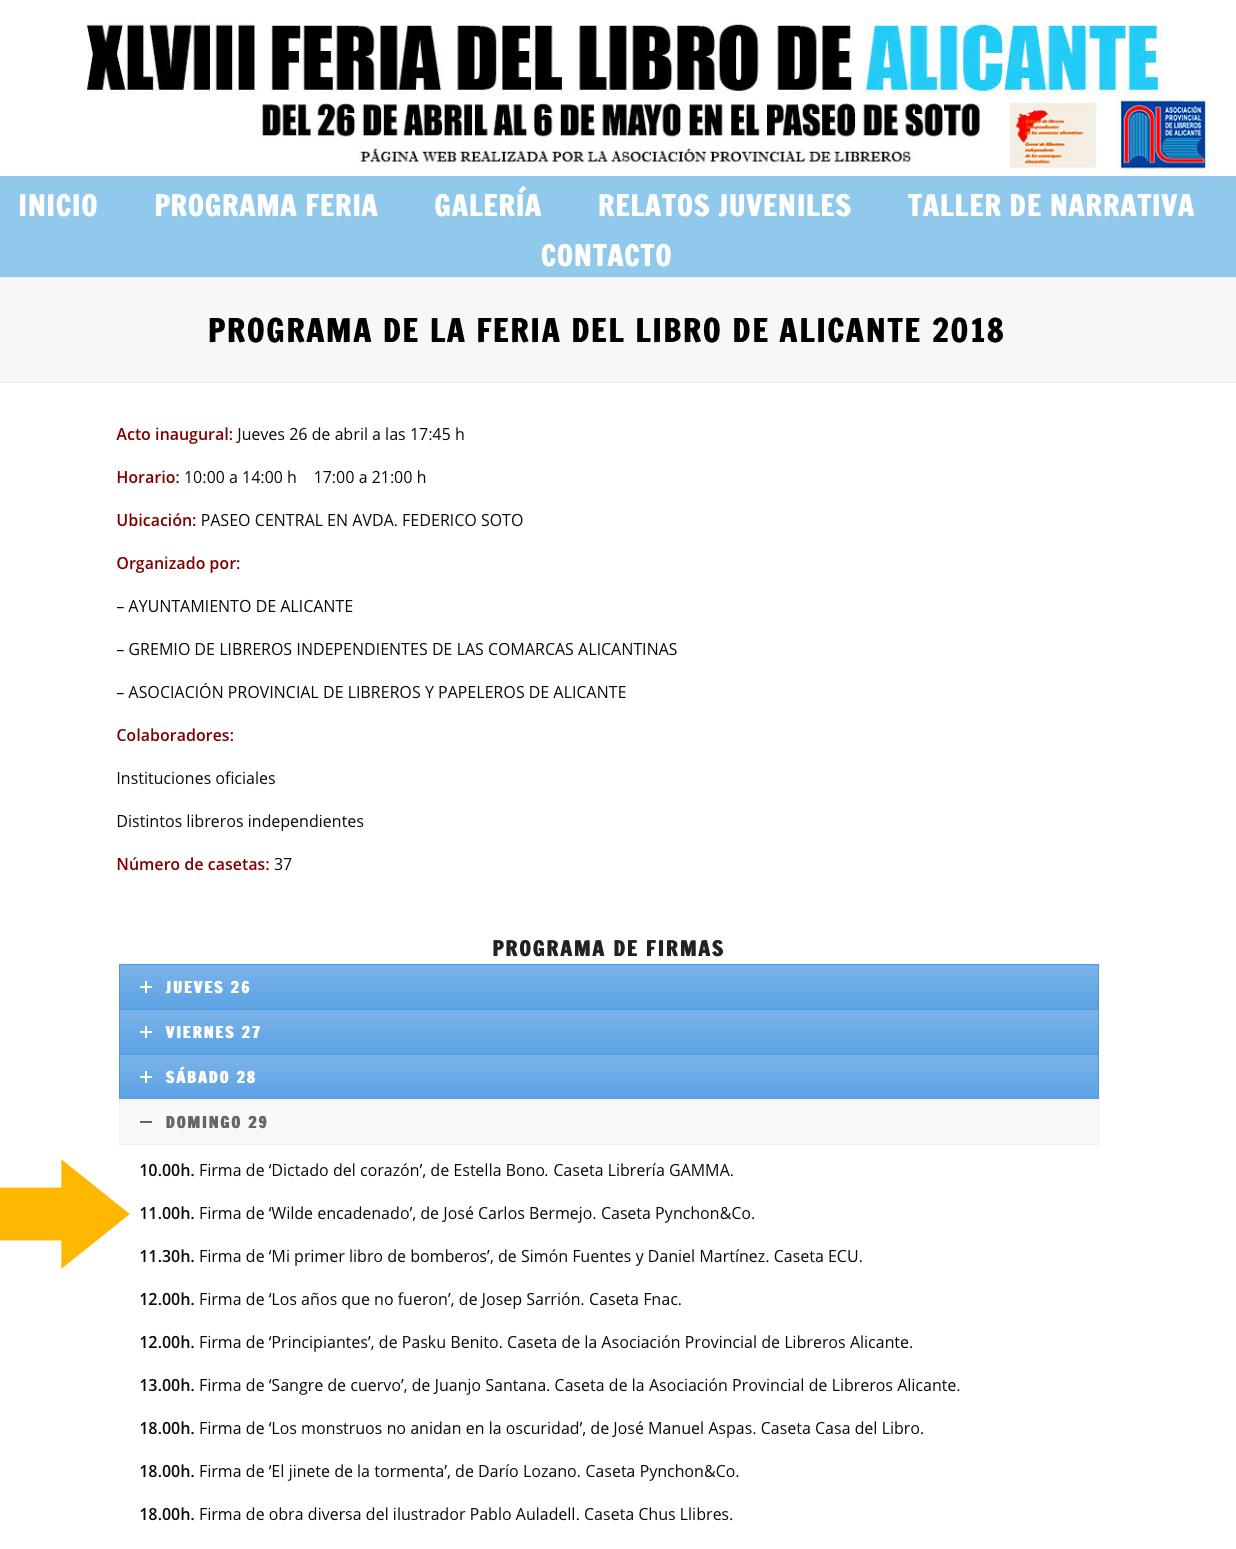 Programa Feria del Libro de Alicante 2018